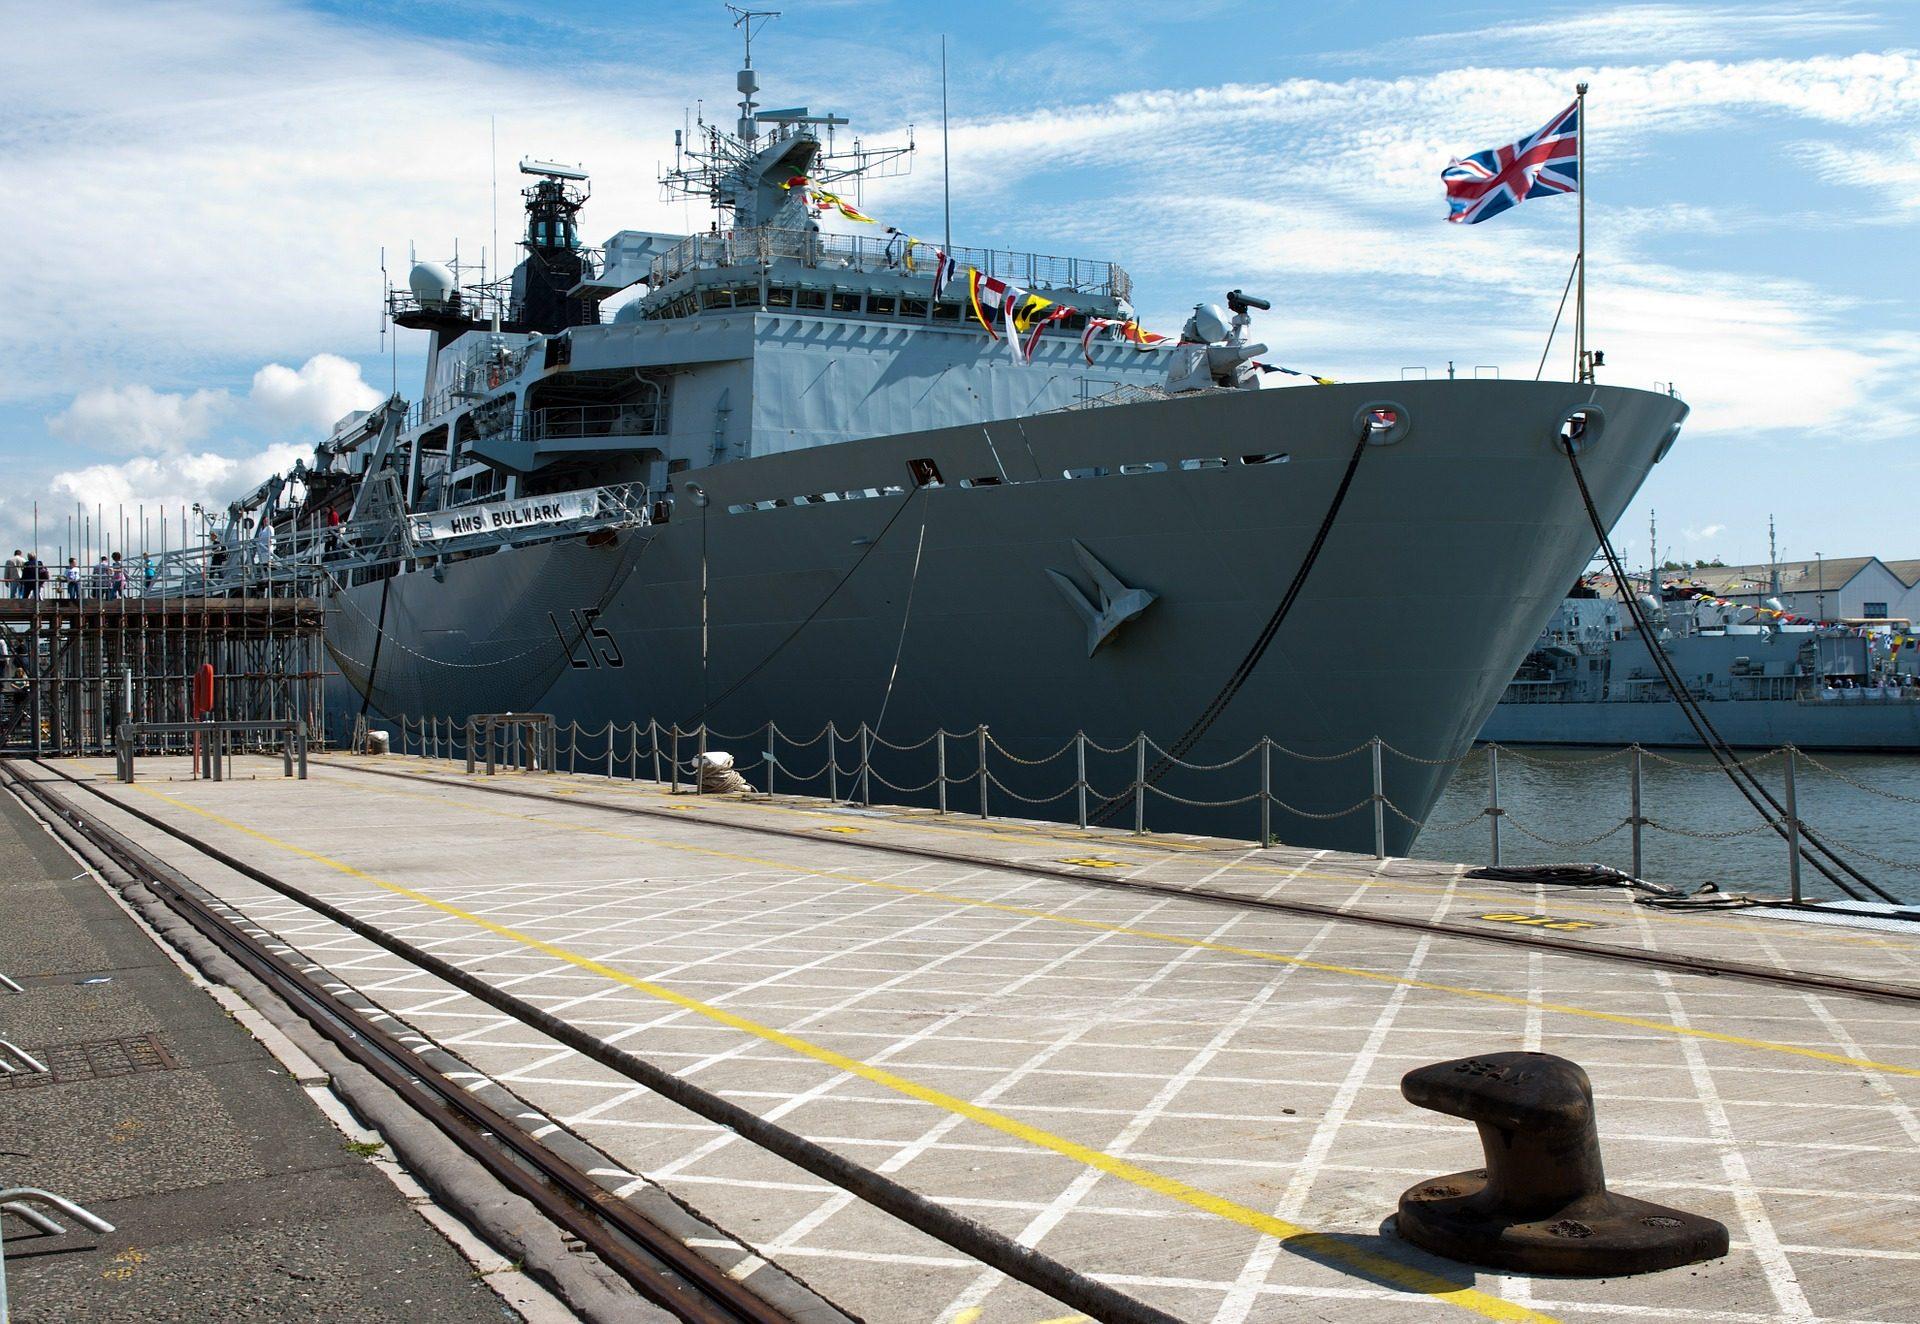 小船, navío, 玛丽娜, británica, 军队, 端口, 系泊设备 - 高清壁纸 - 教授-falken.com